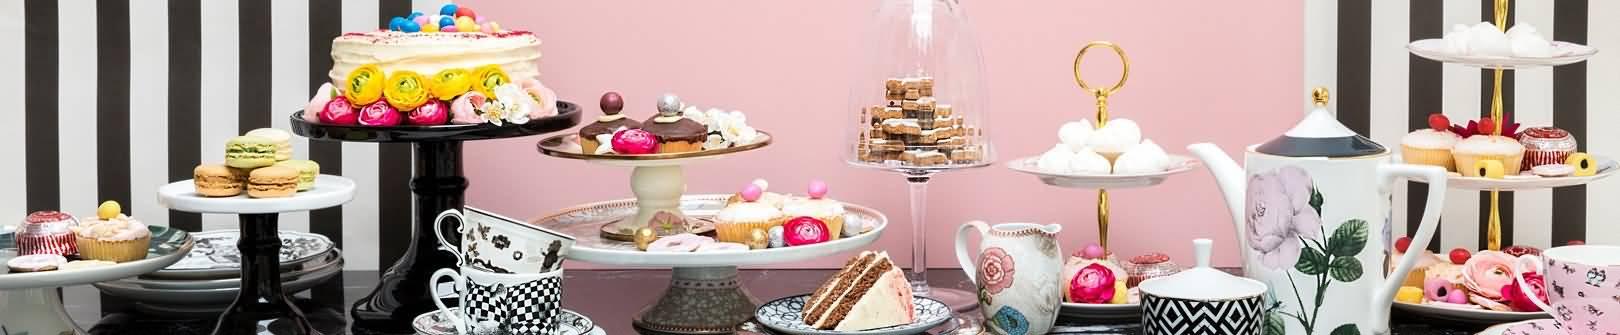 Kuchen steht